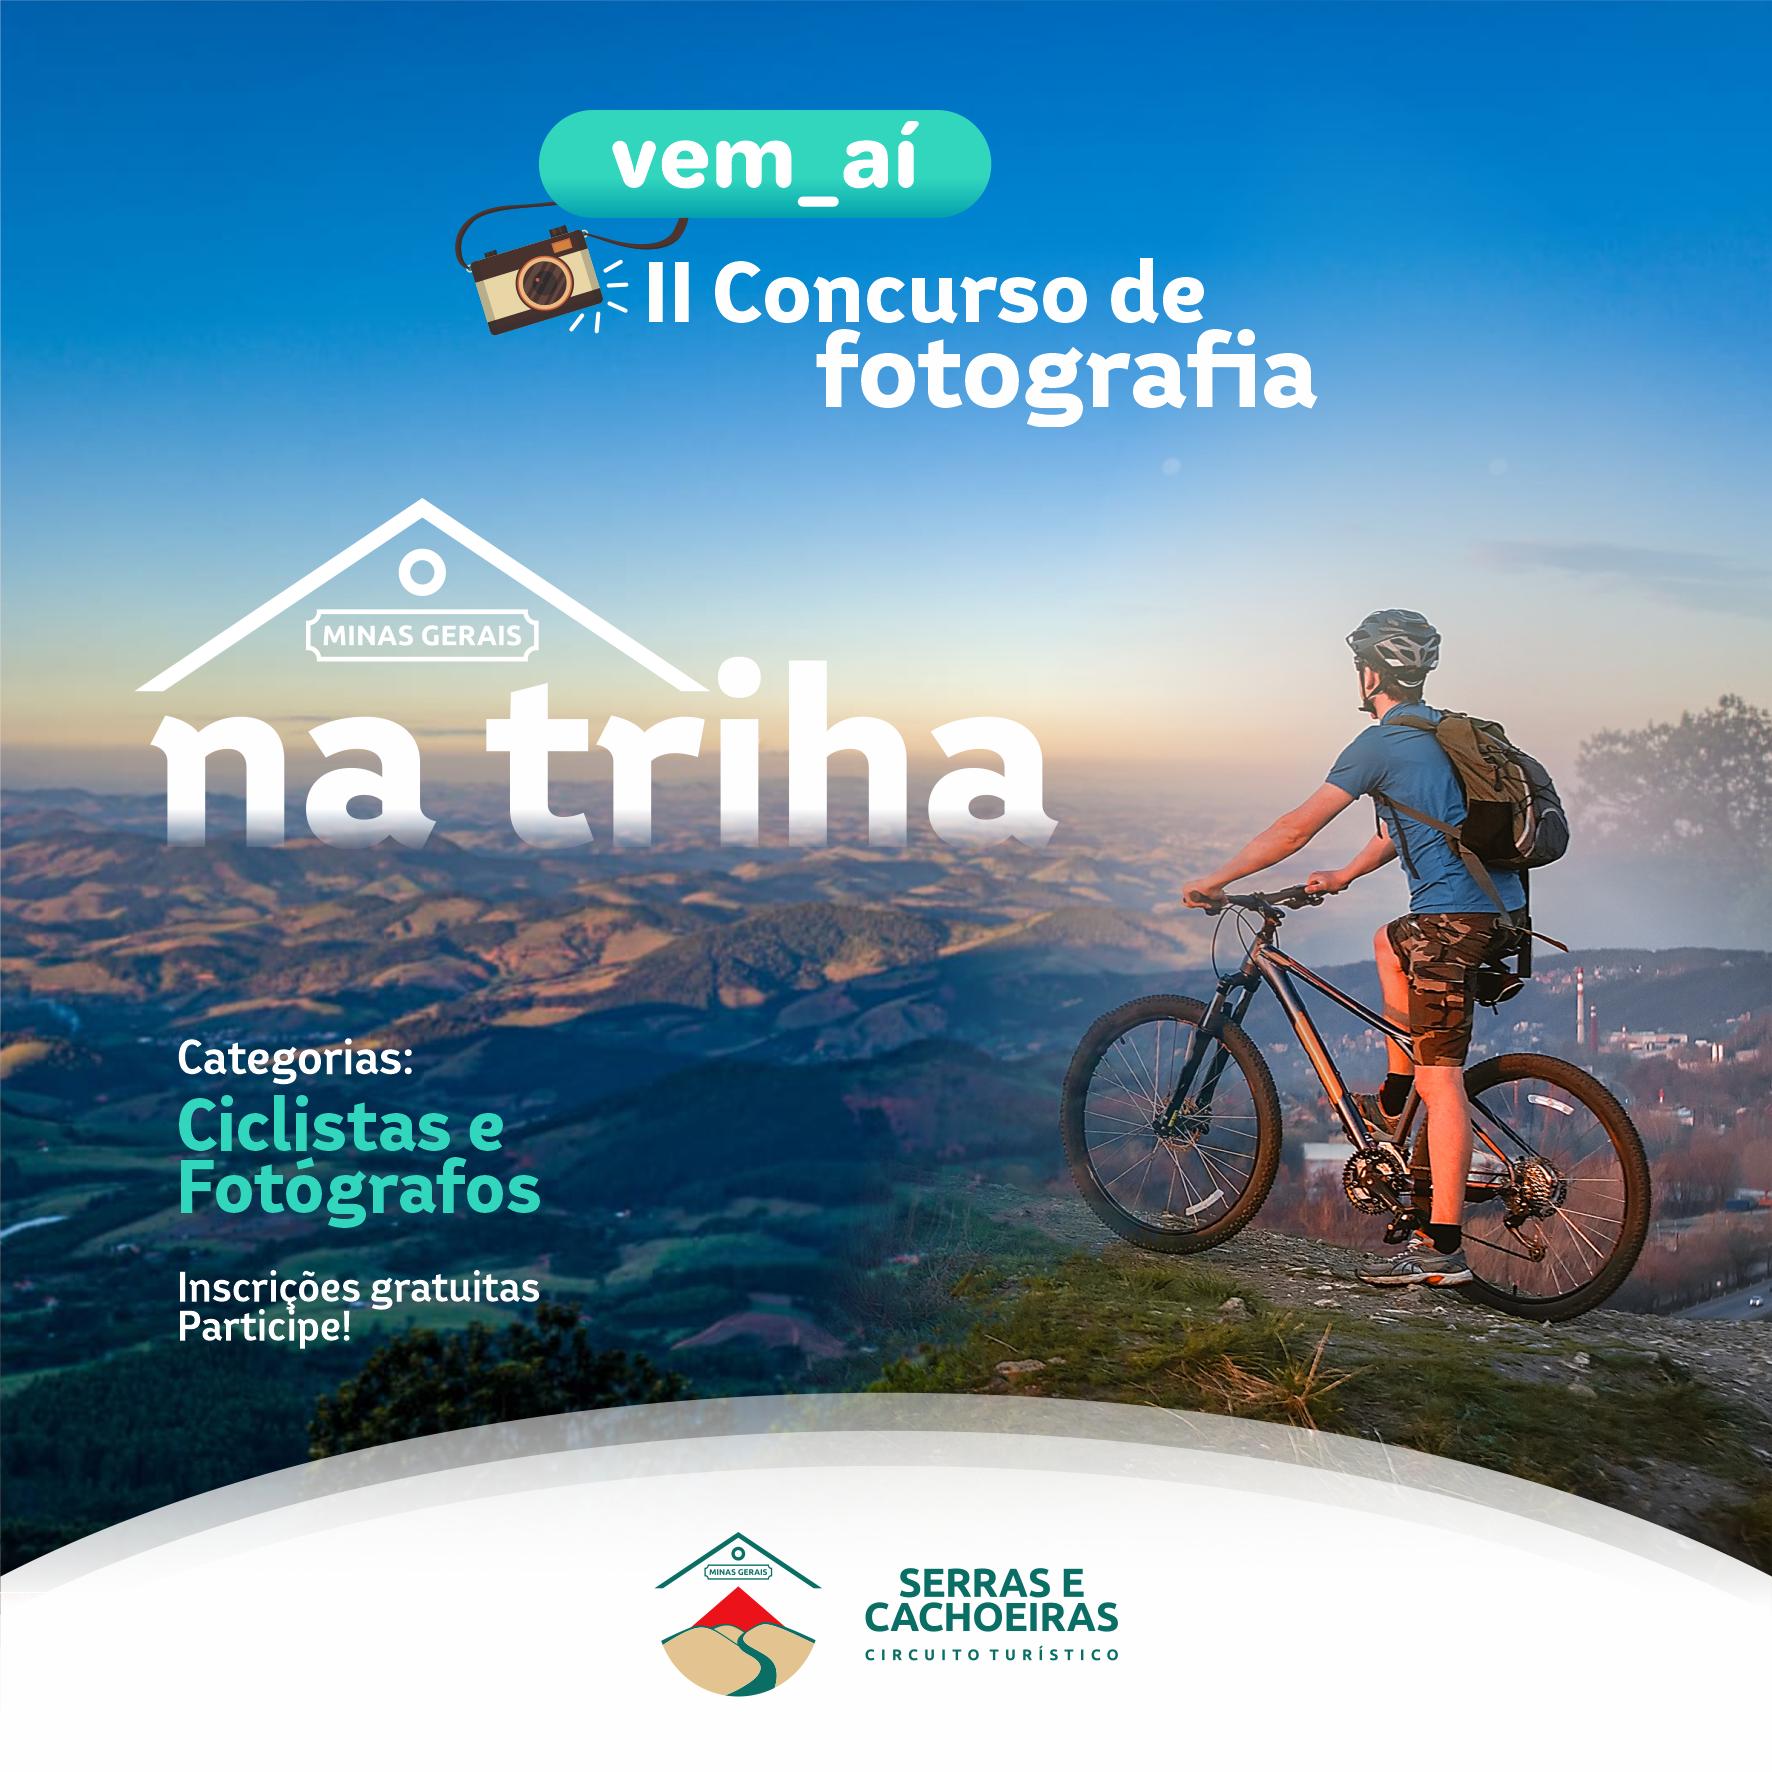 Circuito Turístico Serras e Cachoeiras realiza, no mês de junho, o 2º Concurso de Fotografia